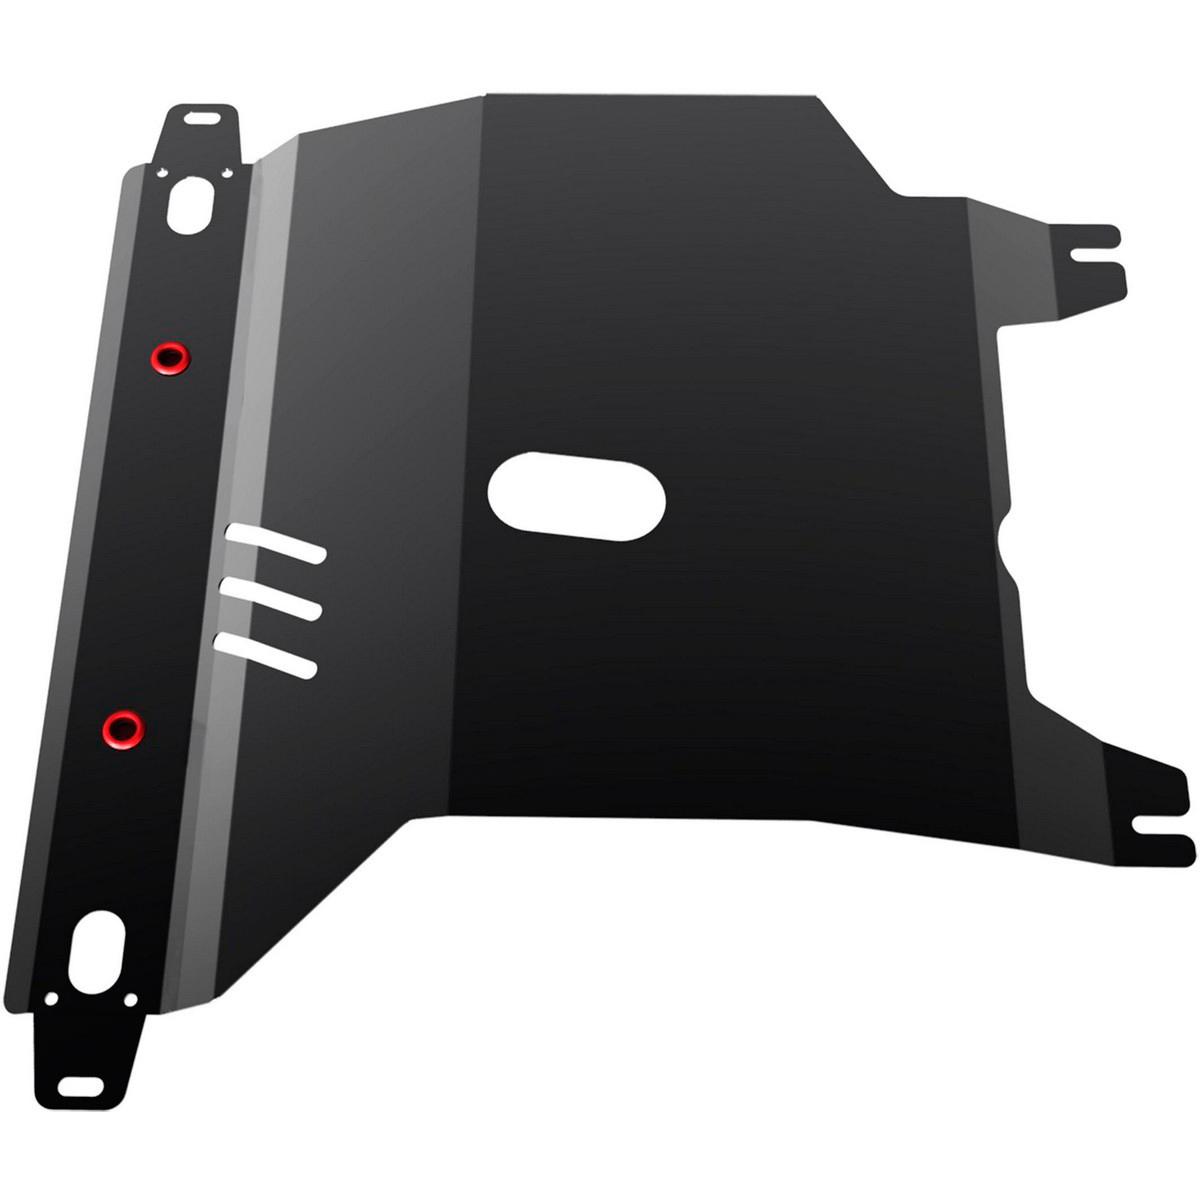 Защита картера и КПП Автоброня Chevrolet Lanos 2005-/ZAZ Chance 2005-, сталь 2 мм111.06501.1Защита картера и КПП Автоброня для Chevrolet Lanos, МКПП, V - 1,3; 1,4; 1,5 2005-/ZAZ Chance V - 1,3; 1,4; 1,5 2005-, сталь 2 мм, комплект крепежа, 111.06501.1Стальные защиты Автоброня надежно защищают ваш автомобиль от повреждений при наезде на бордюры, выступающие канализационные люки, кромки поврежденного асфальта или при ремонте дорог, не говоря уже о загородных дорогах. - Имеют оптимальное соотношение цена-качество. - Спроектированы с учетом особенностей автомобиля, что делает установку удобной. - Защита устанавливается в штатные места кузова автомобиля. - Является надежной защитой для важных элементов на протяжении долгих лет. - Глубокий штамп дополнительно усиливает конструкцию защиты. - Подштамповка в местах крепления защищает крепеж от срезания. - Технологические отверстия там, где они необходимы для смены масла и слива воды, оборудованные заглушками, закрепленными на защите. Толщина стали 2 мм. В комплекте крепеж и инструкция по установке.Уважаемые клиенты! Обращаем ваше внимание на тот факт, что защита имеет форму, соответствующую модели данного автомобиля. Наличие глубокого штампа и лючков для смены фильтров/масла предусмотрено не на всех защитах. Фото служит для визуального восприятия товара.